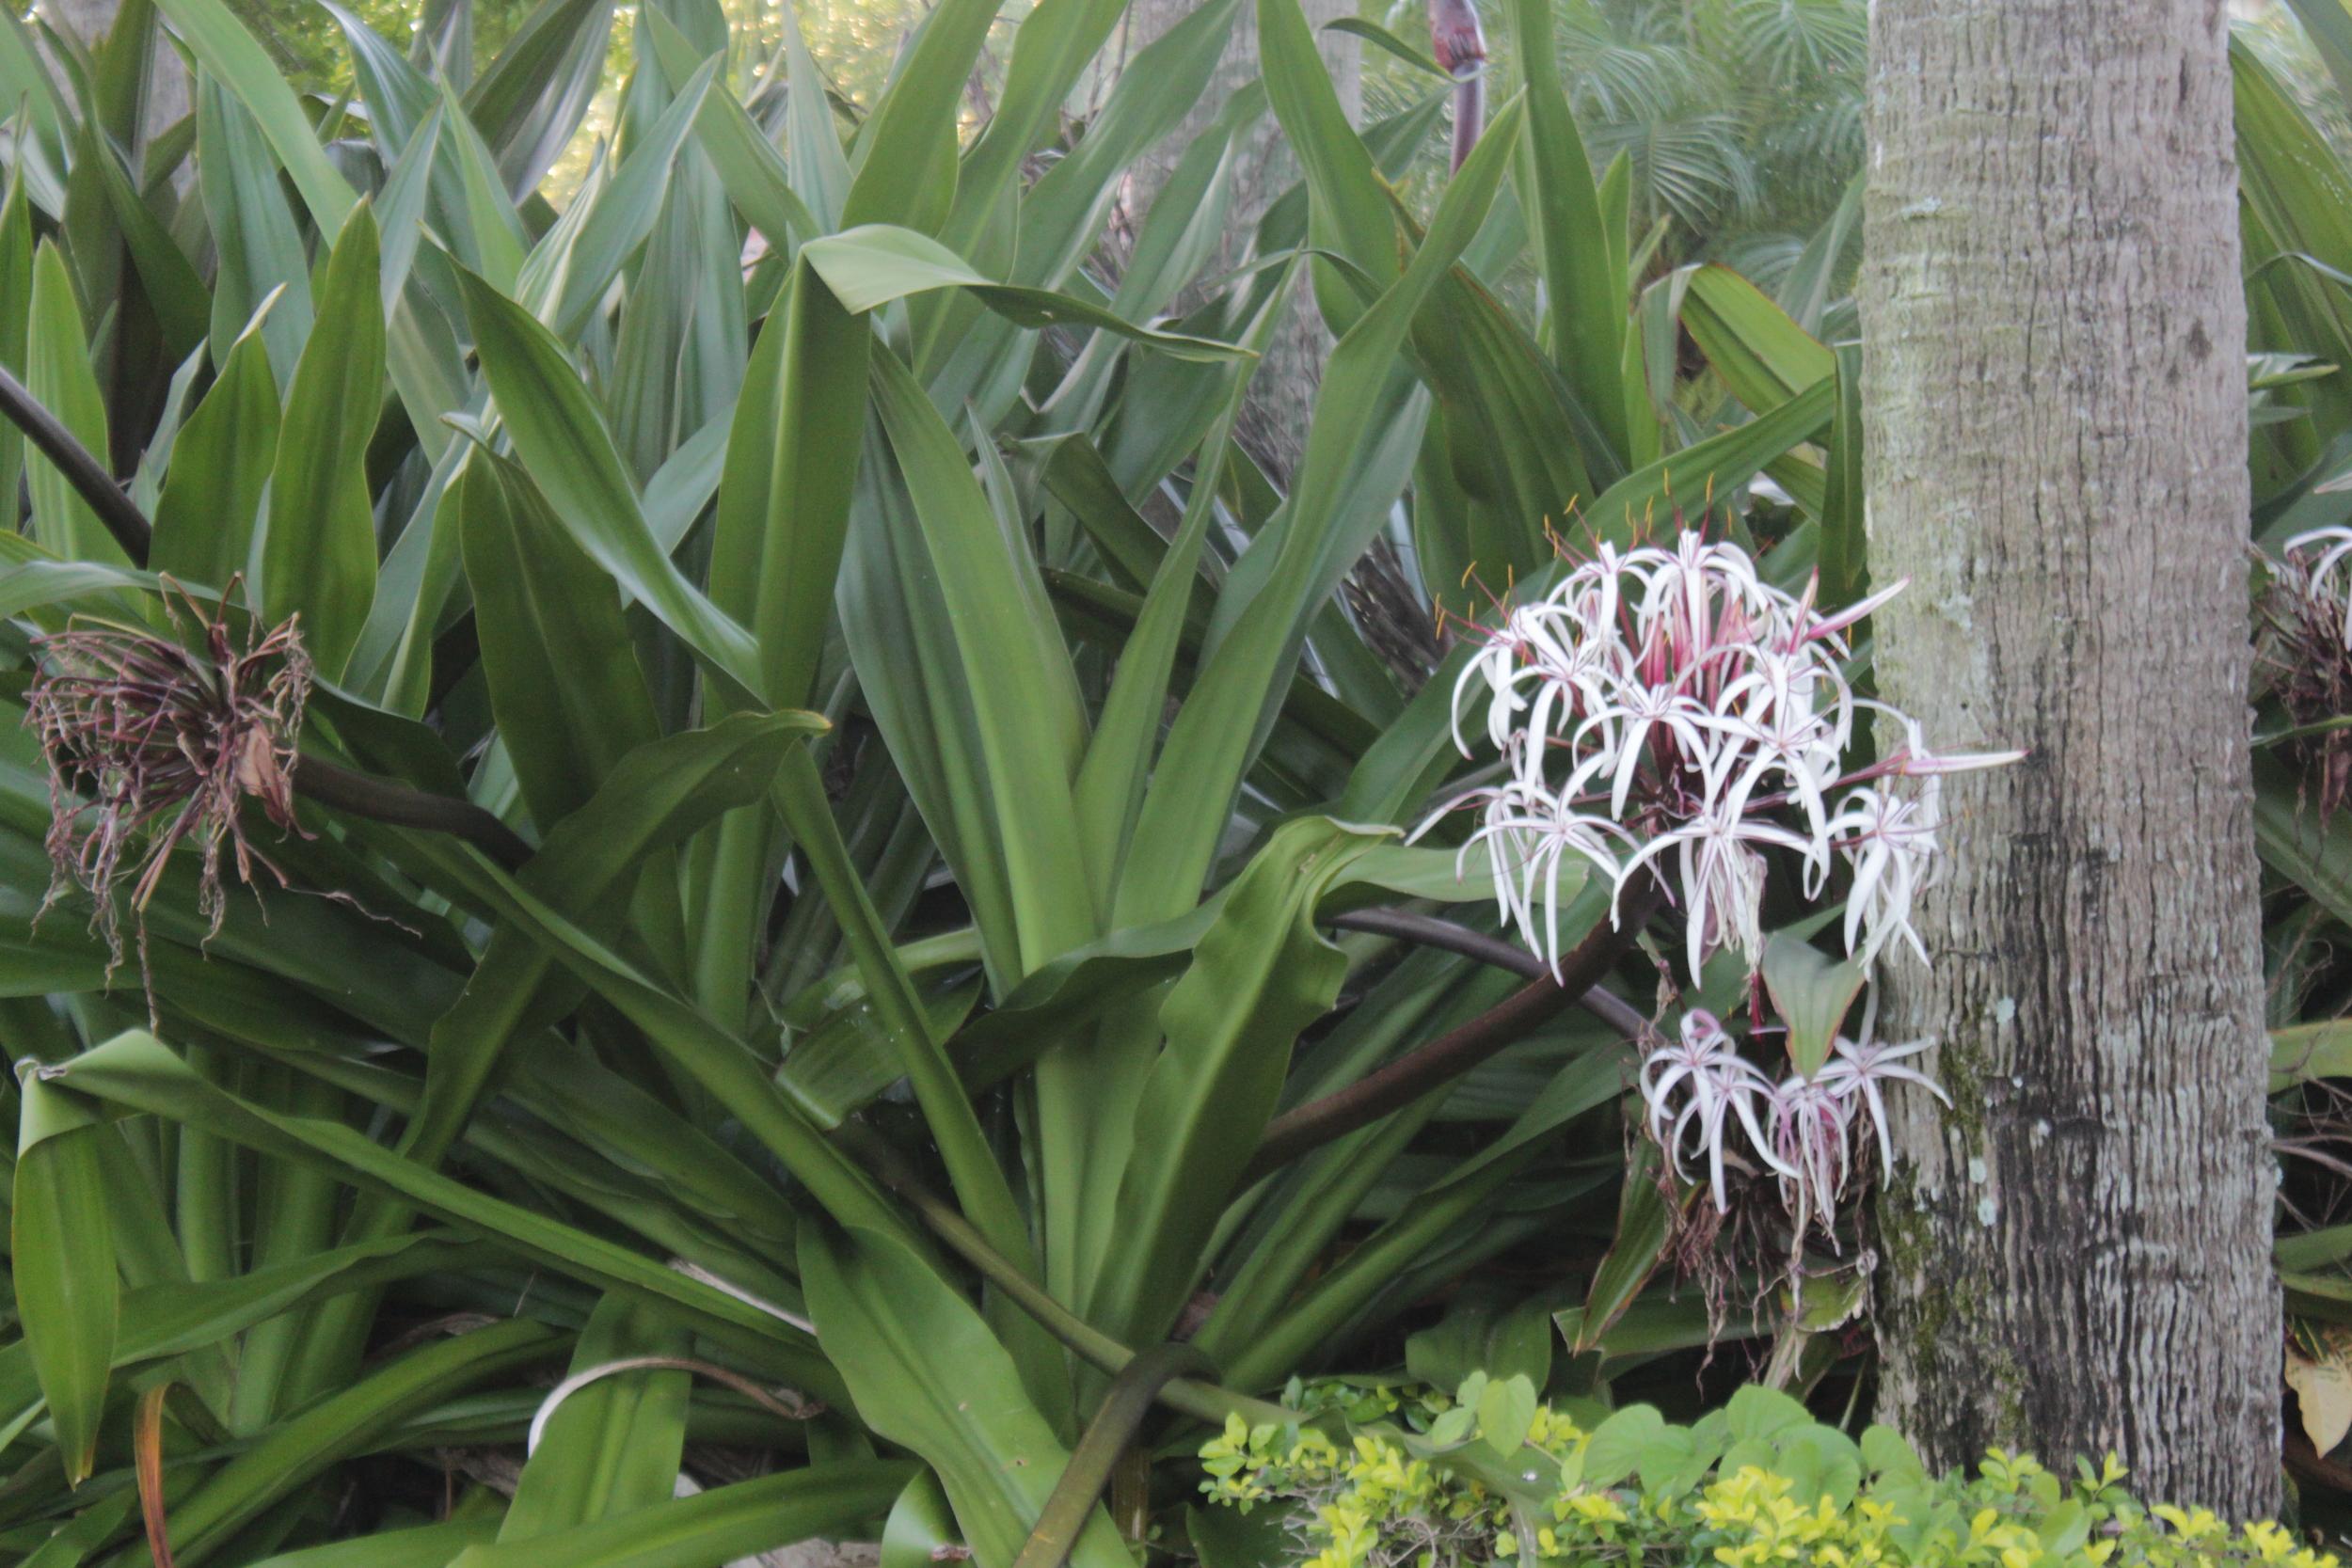 Poisonbulb (Crinium asiaticum) growing large in the landscape.